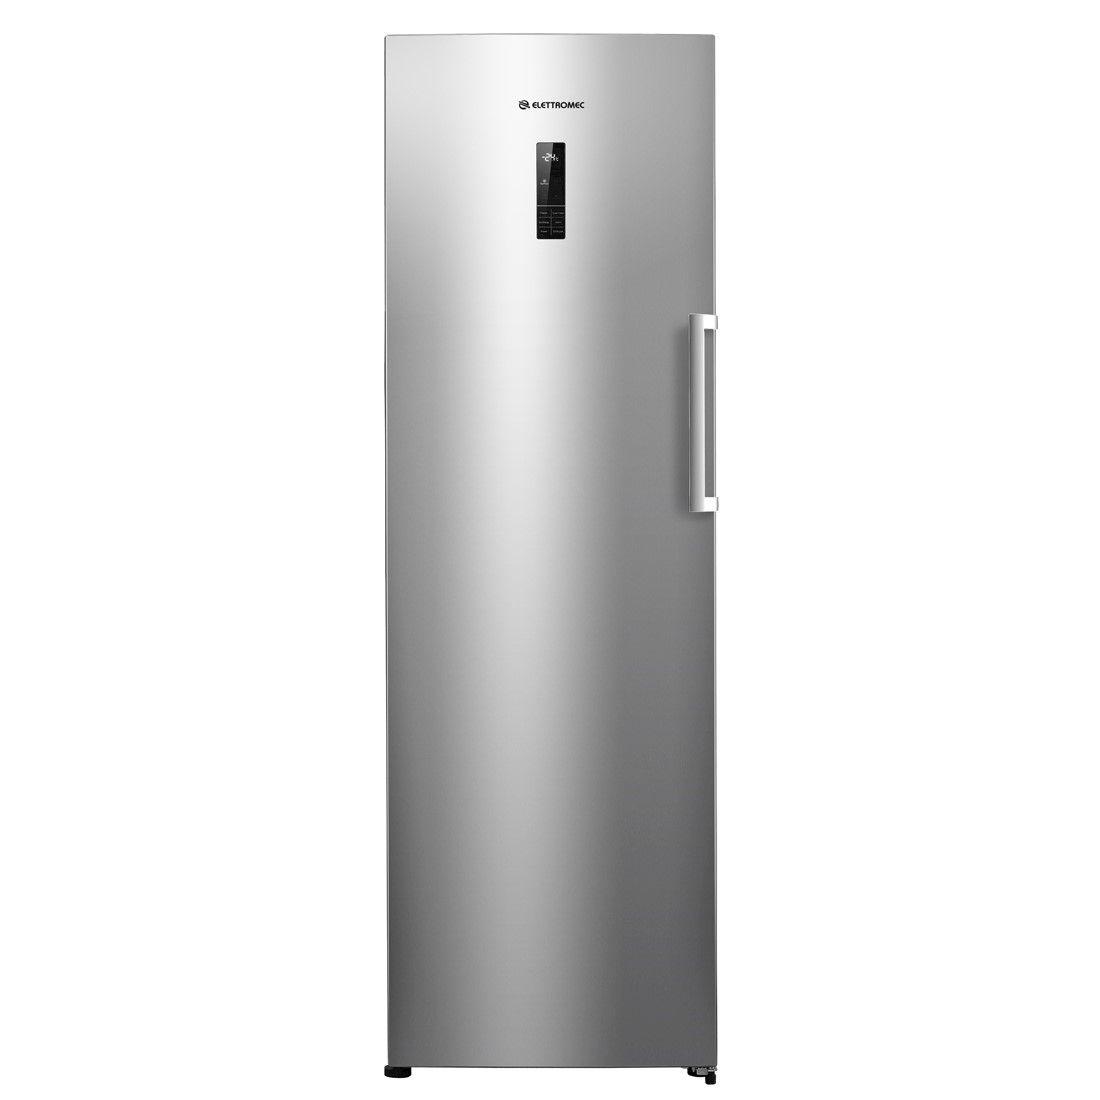 Freezer Elettromec Duo 262 Litros Titanium 220V